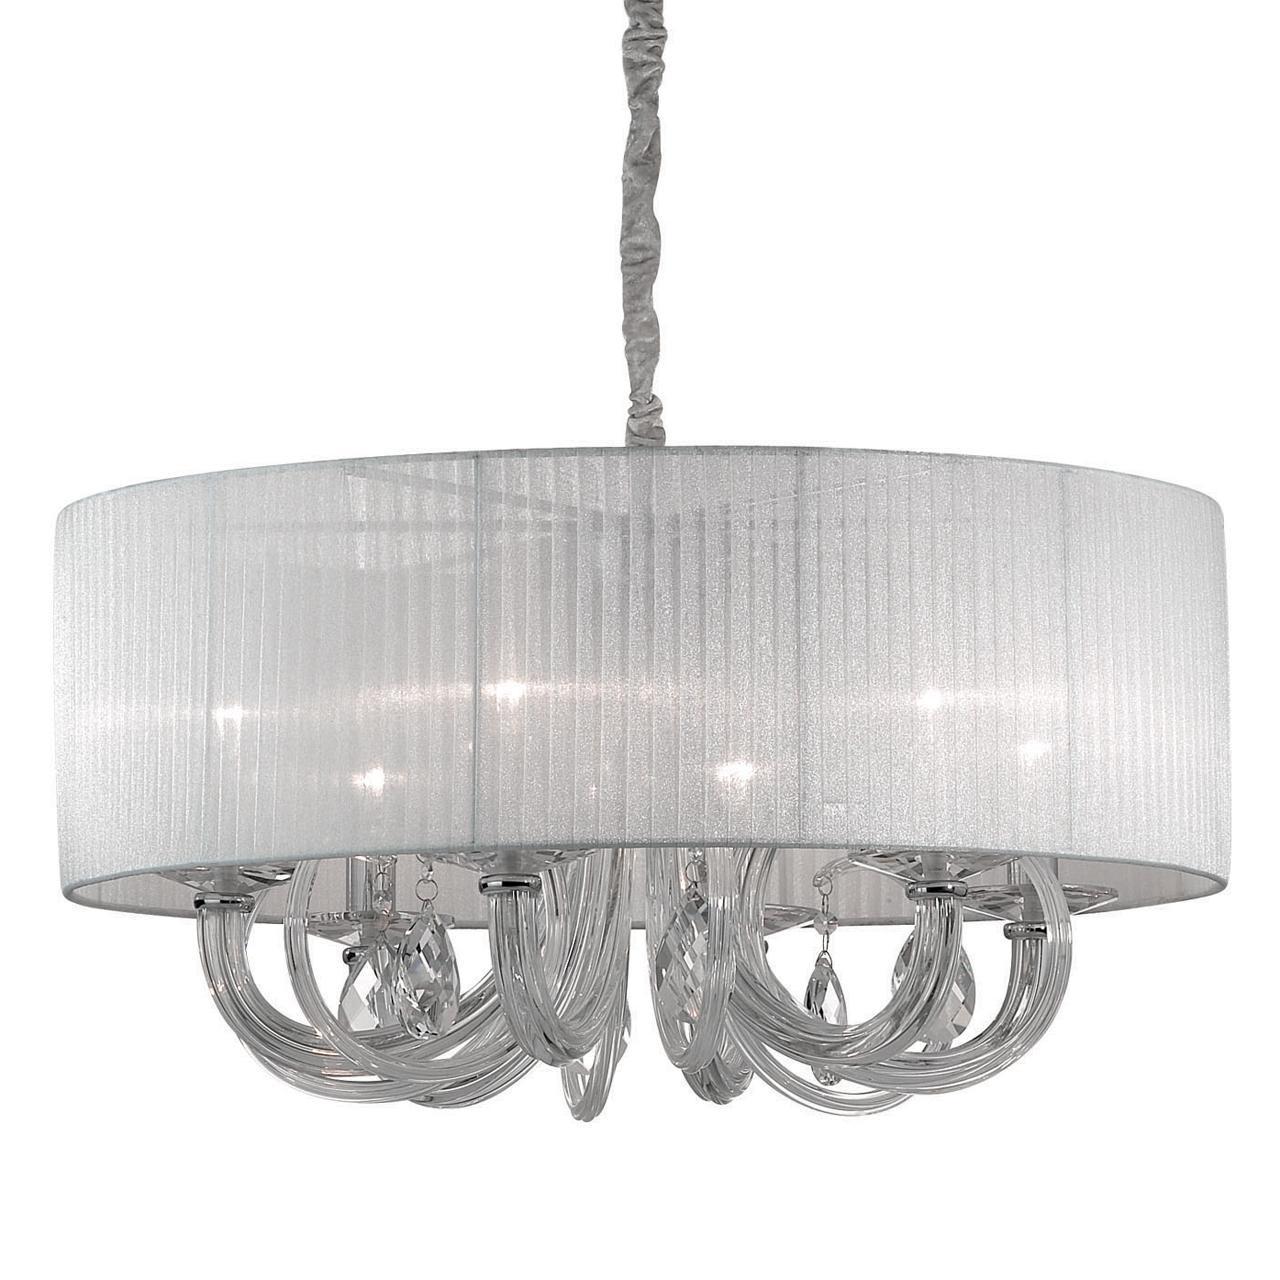 Люстра Ideal Lux Swan SP6 Bianco подвесная цена